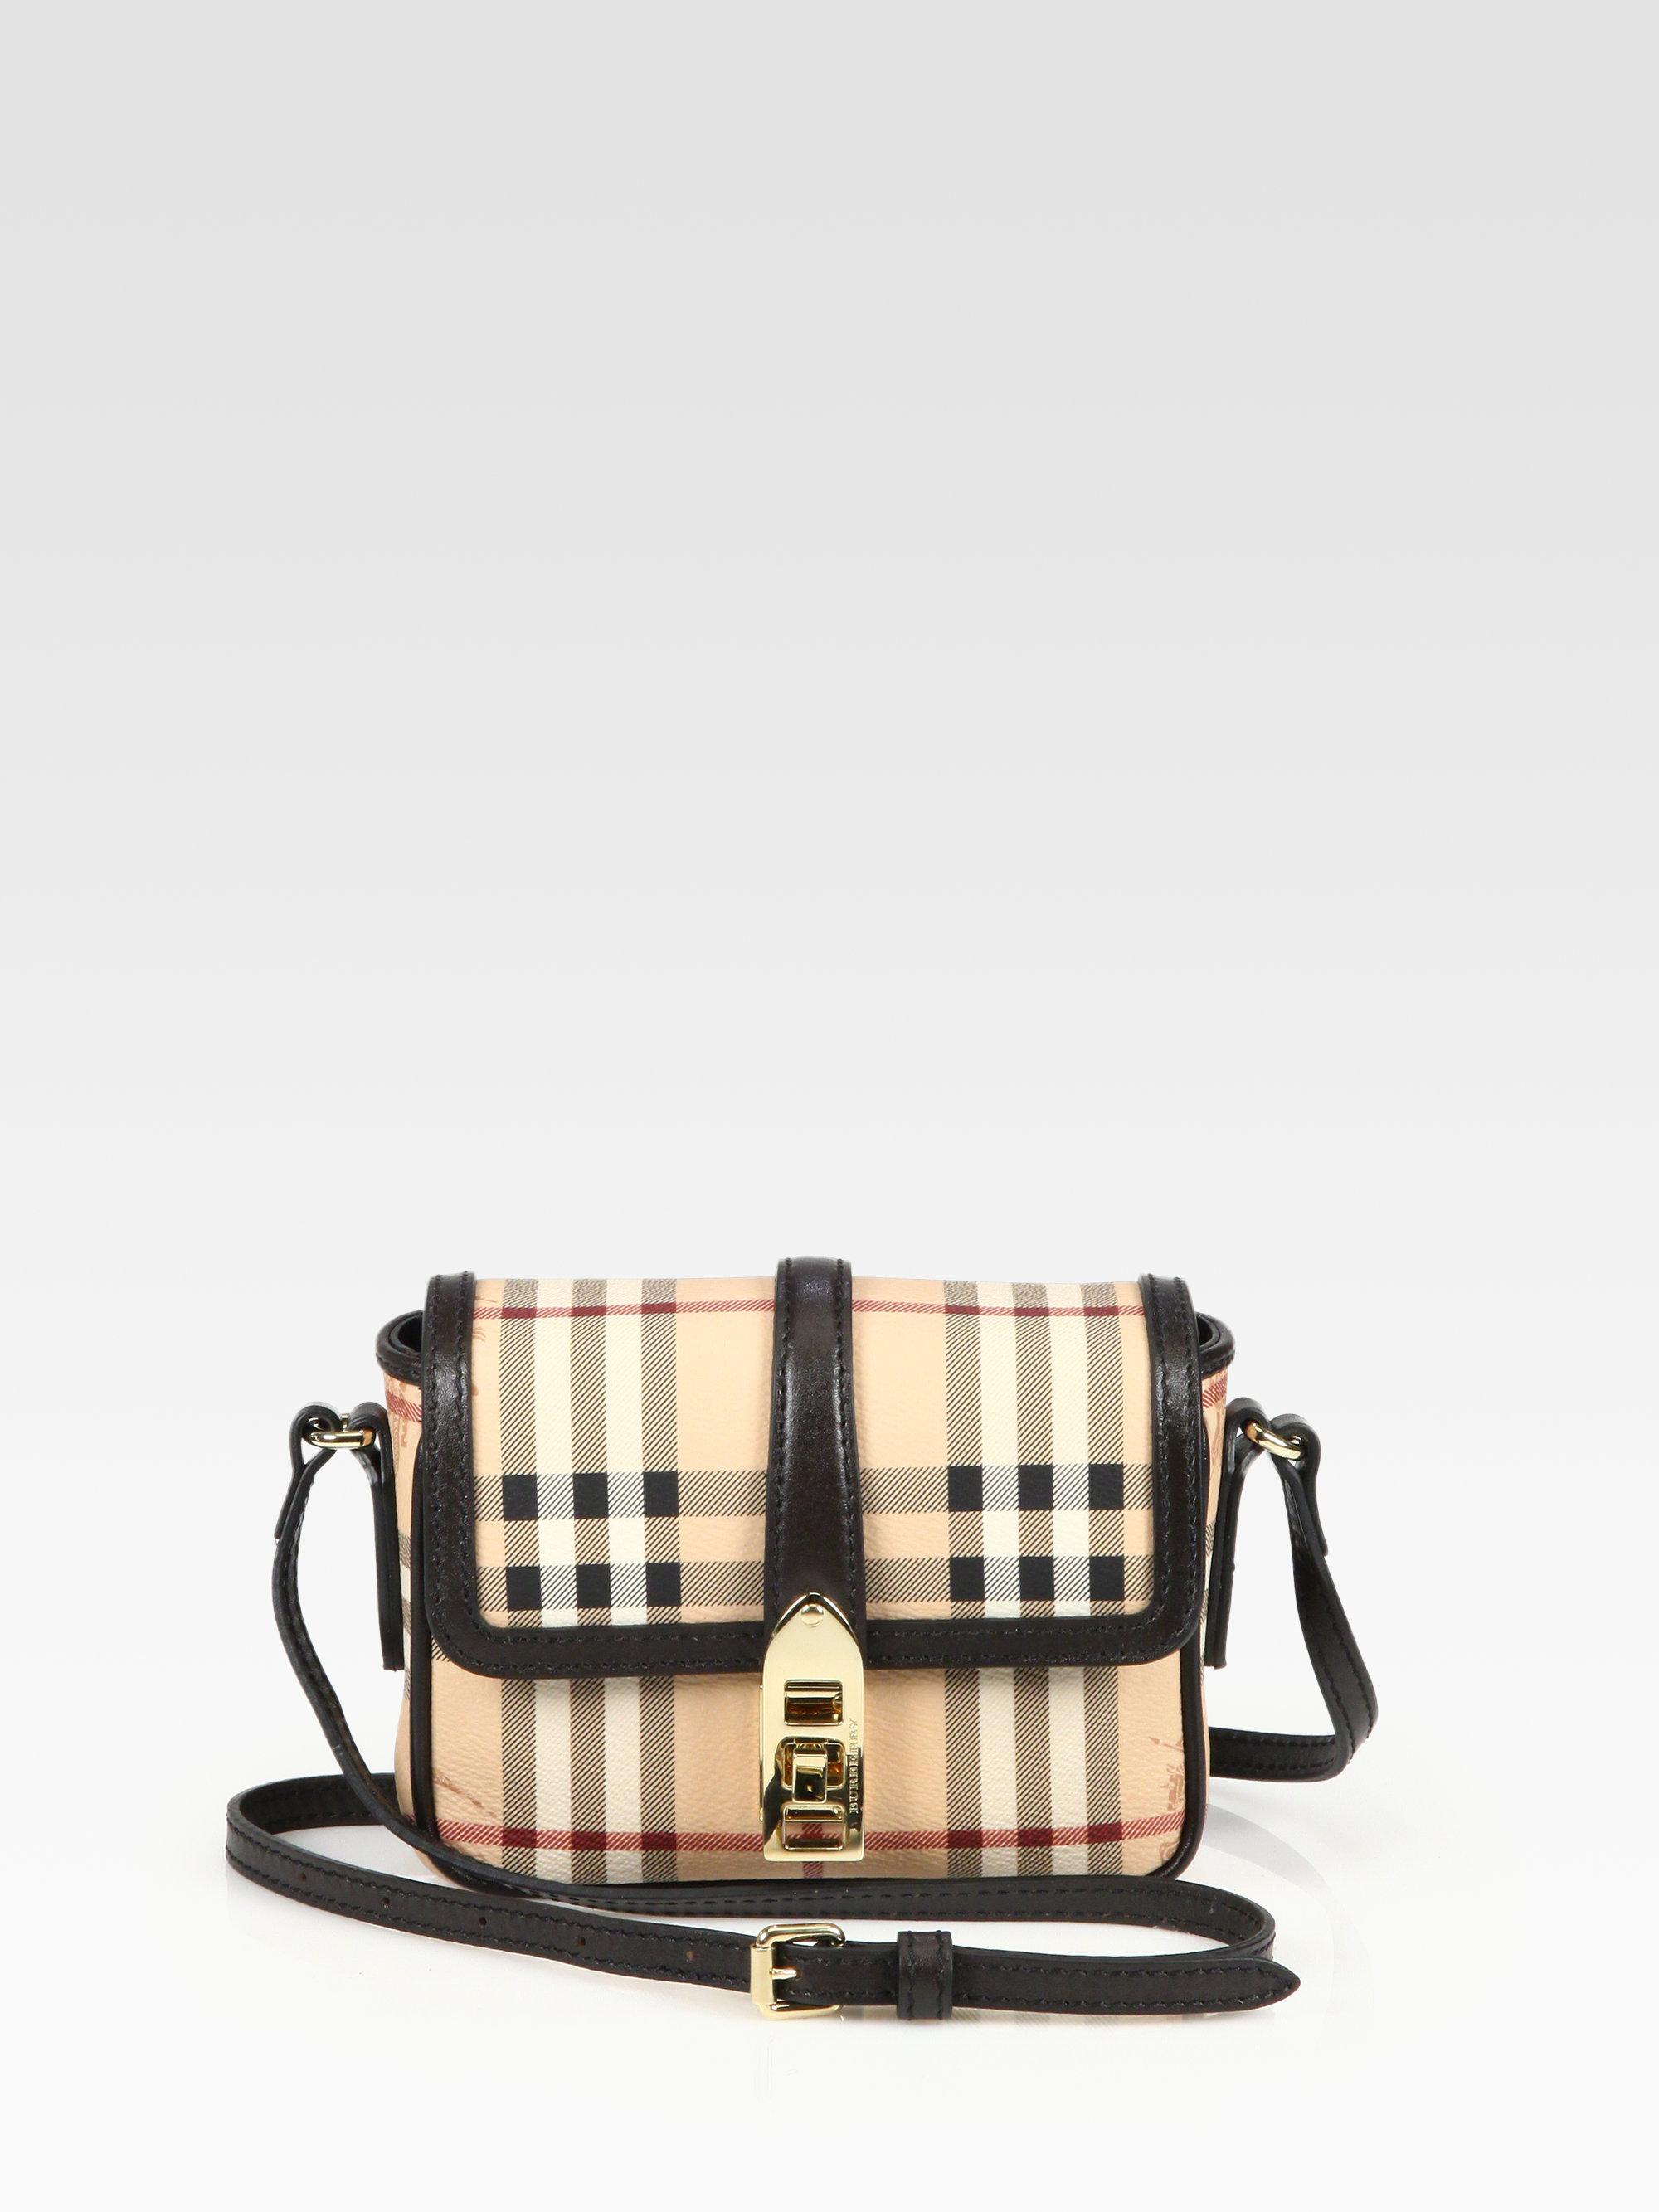 46ec84184308 Burberry Berkeley Coated Canvas Haymarket Crossbody Bag in Brown - Lyst